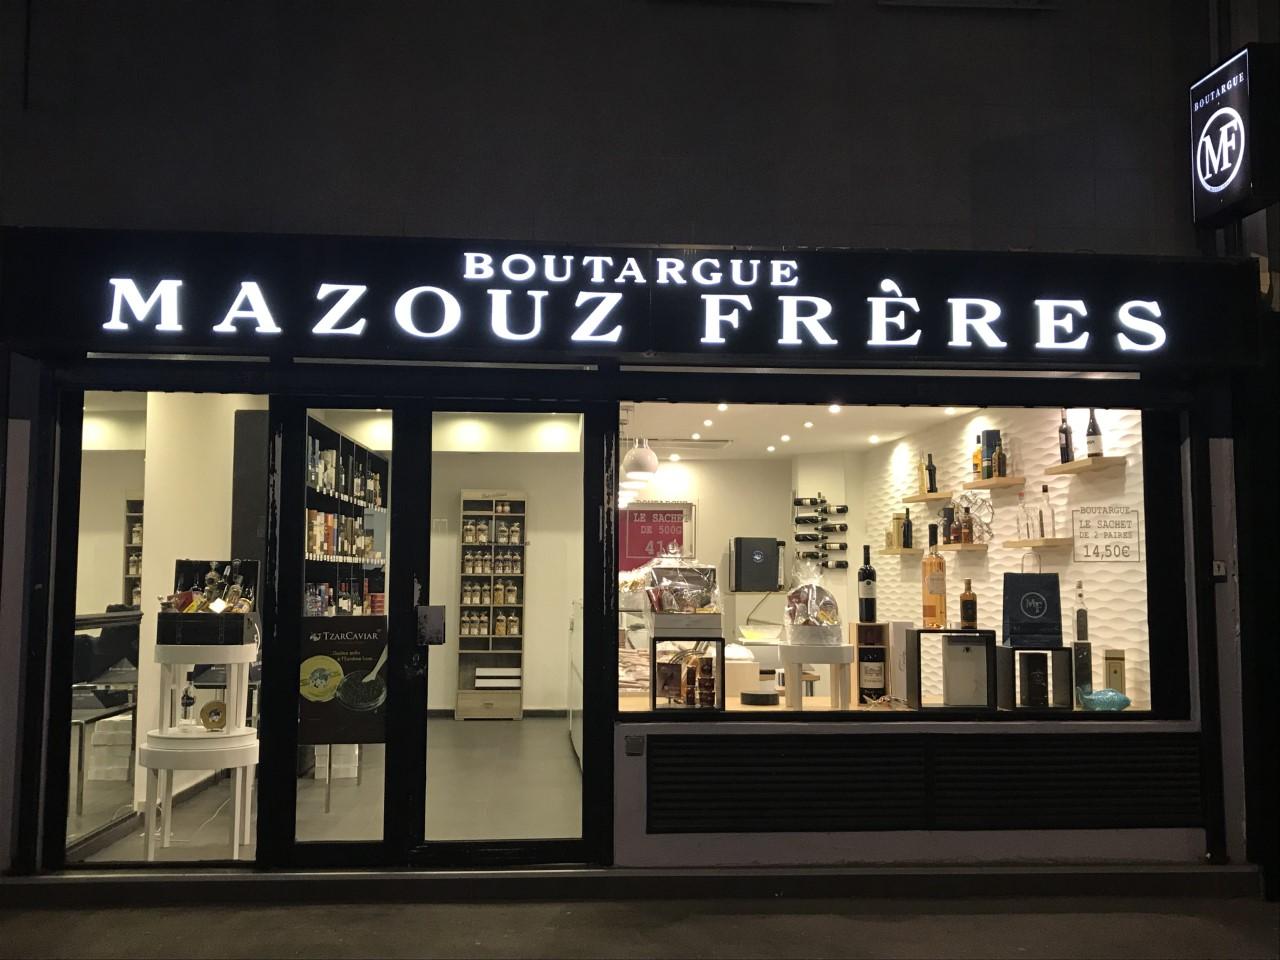 Vitrine extérieur de la boutique Mazouz Frères